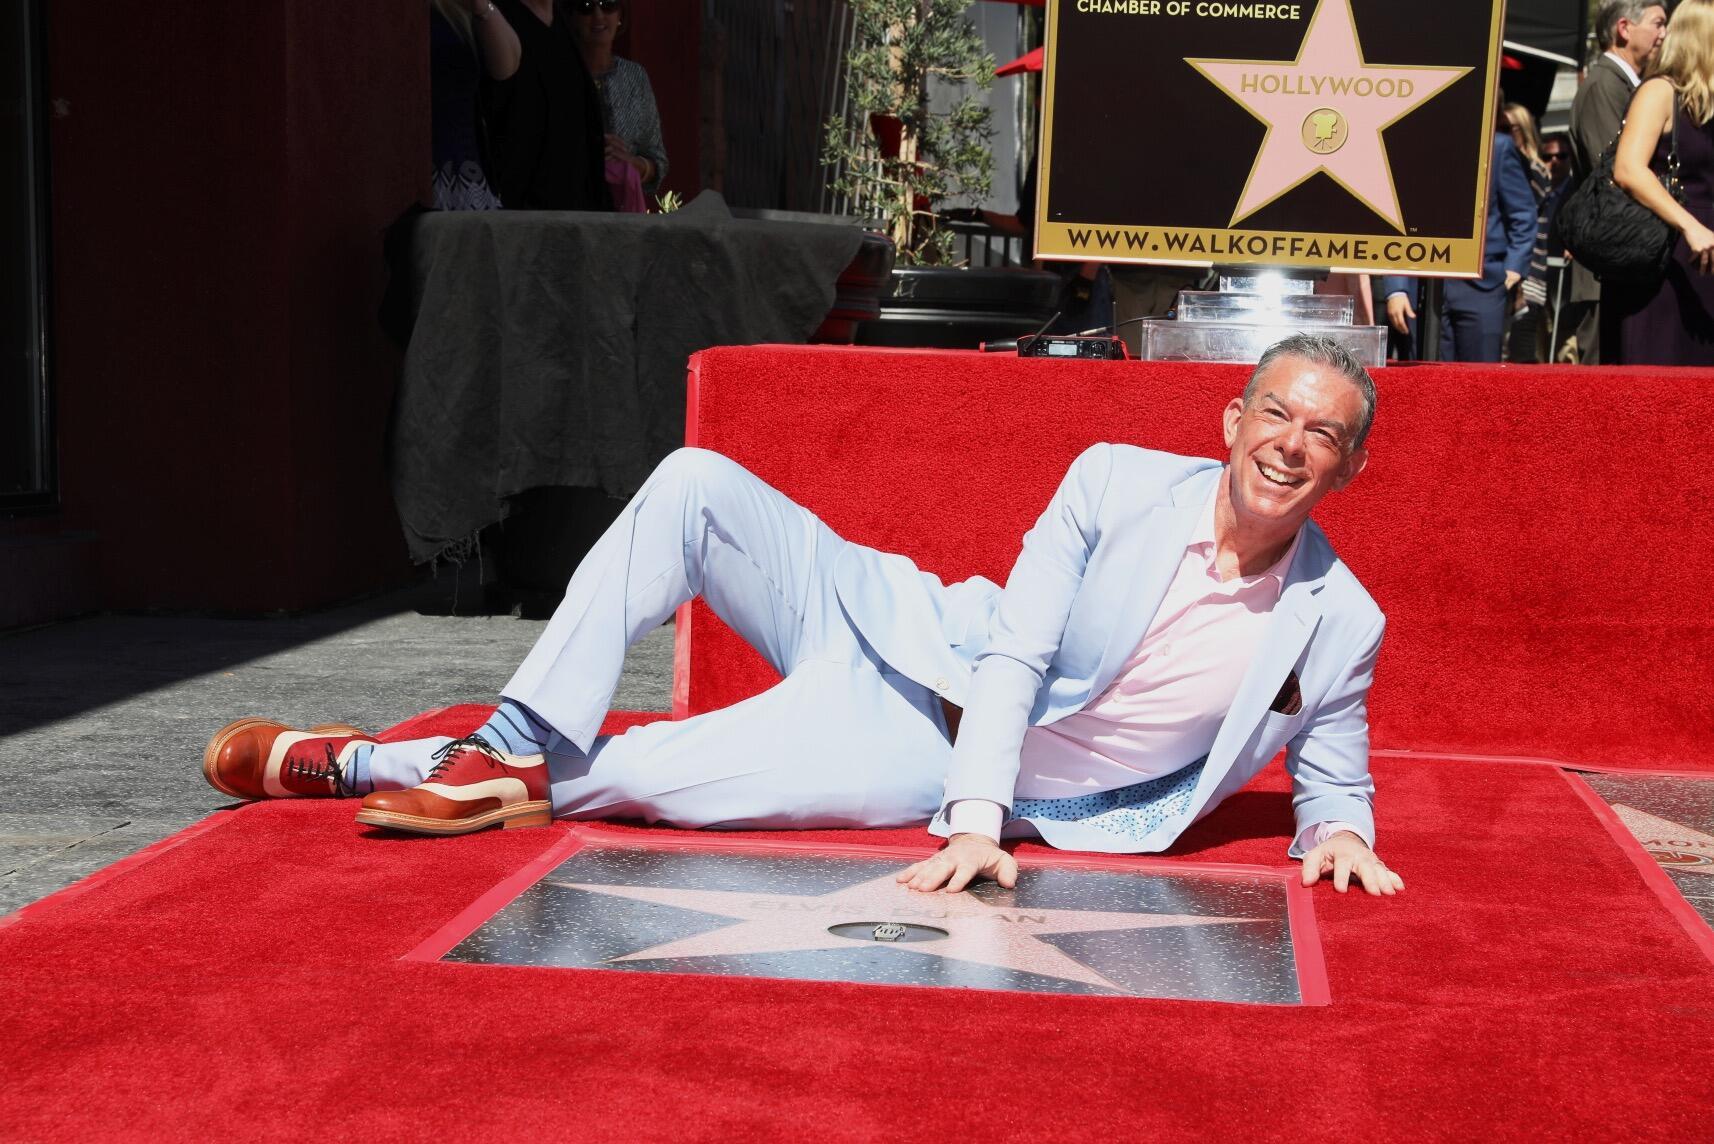 Blue apron elvis duran - Elvis Duran Gets Star On Hollywood Walk Of Fame